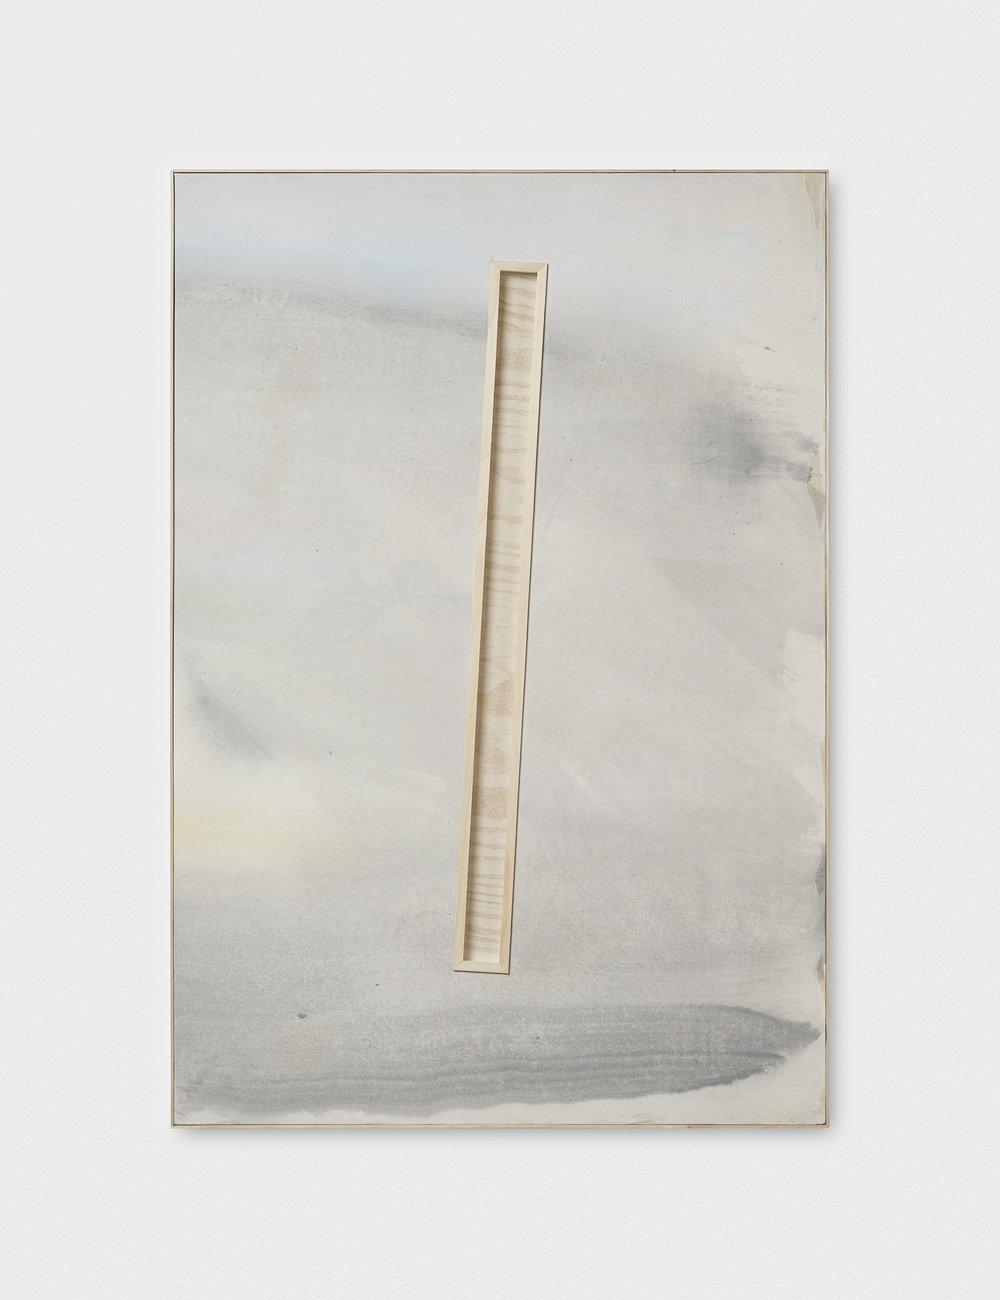 L. S. S. L. D. L' A., XXII | 2019 | Acryl und Kreide auf Leinen, Holz hinter Glas, Künstlerrahmung | 96 x 66 x 3.5 cm | ©GALERIE ALBER